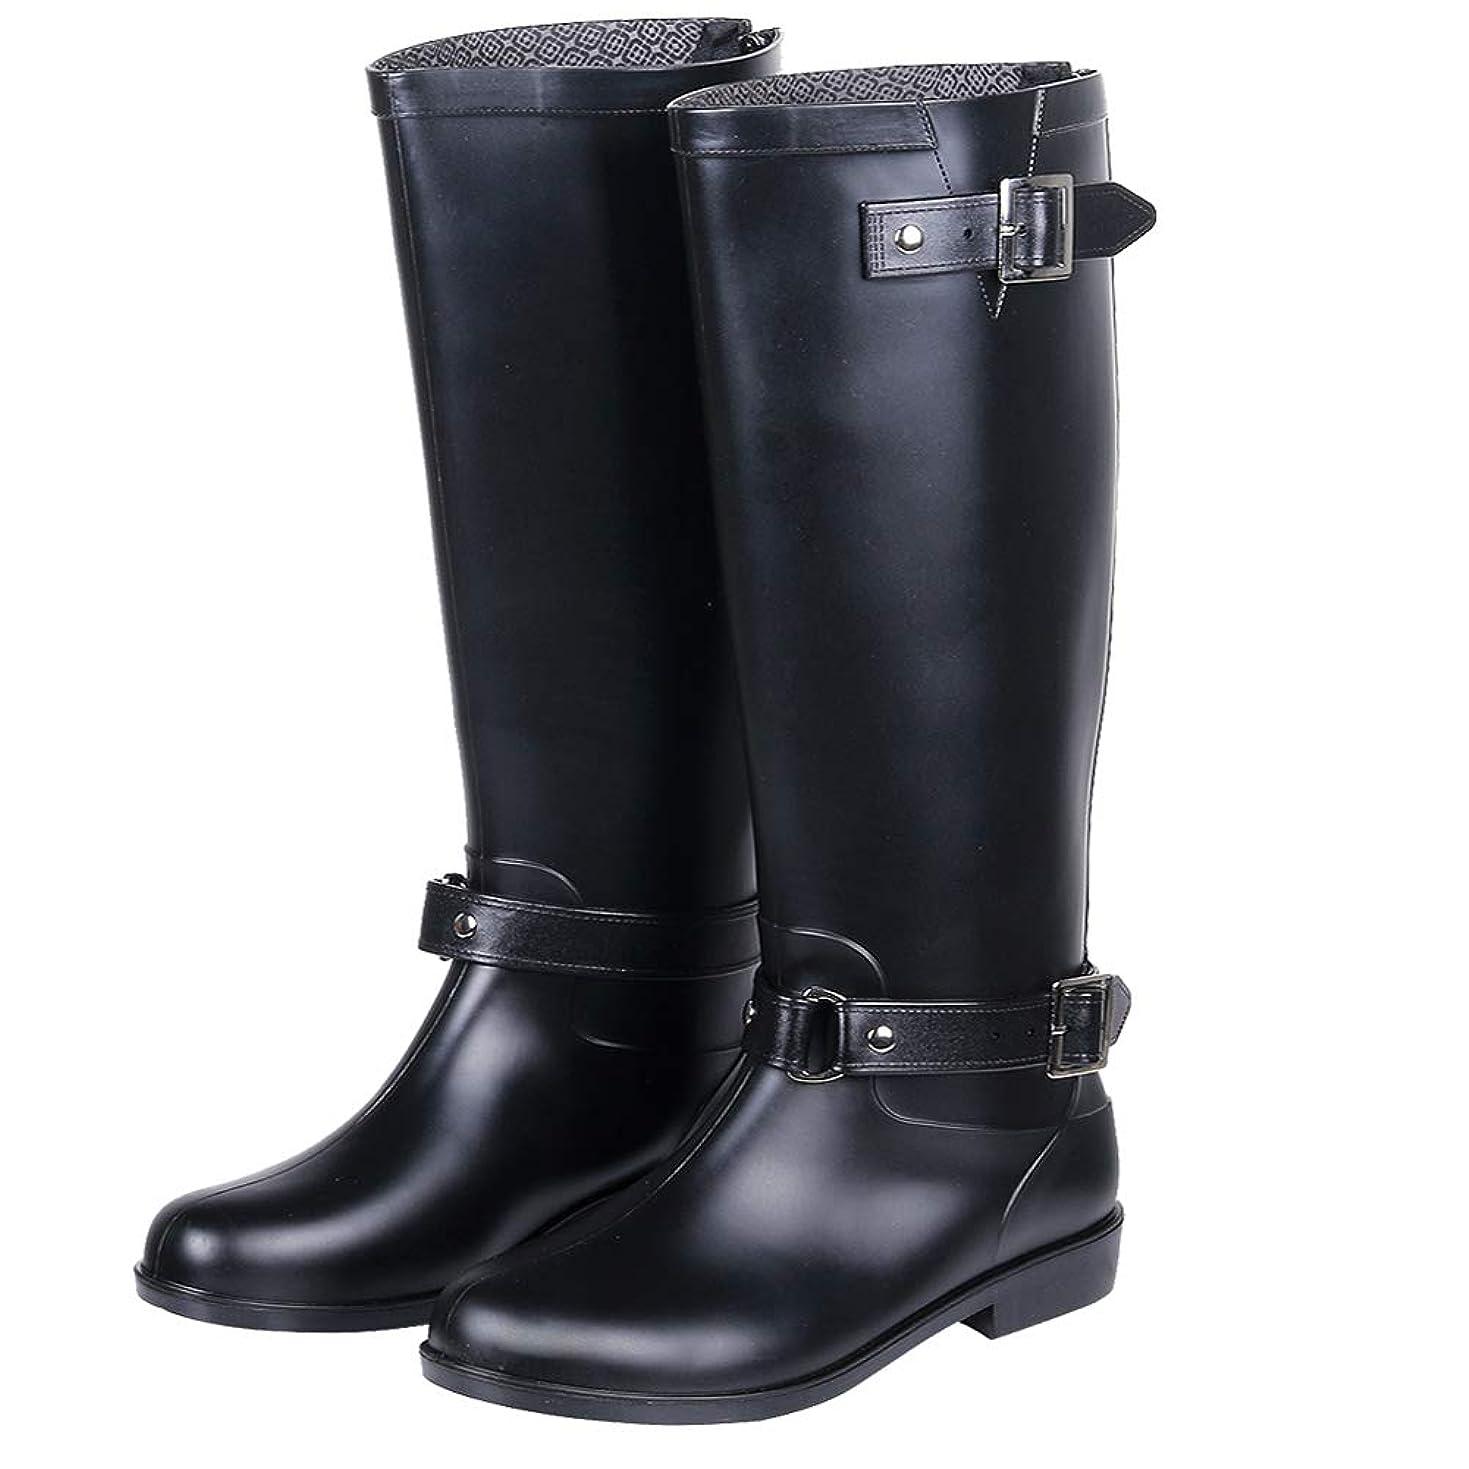 ブロー強調する馬鹿[Smiry] 長靴 レディース レインブーツ ロングブーツ 大きいサイズ ラバーブーツ 防水 シューズ